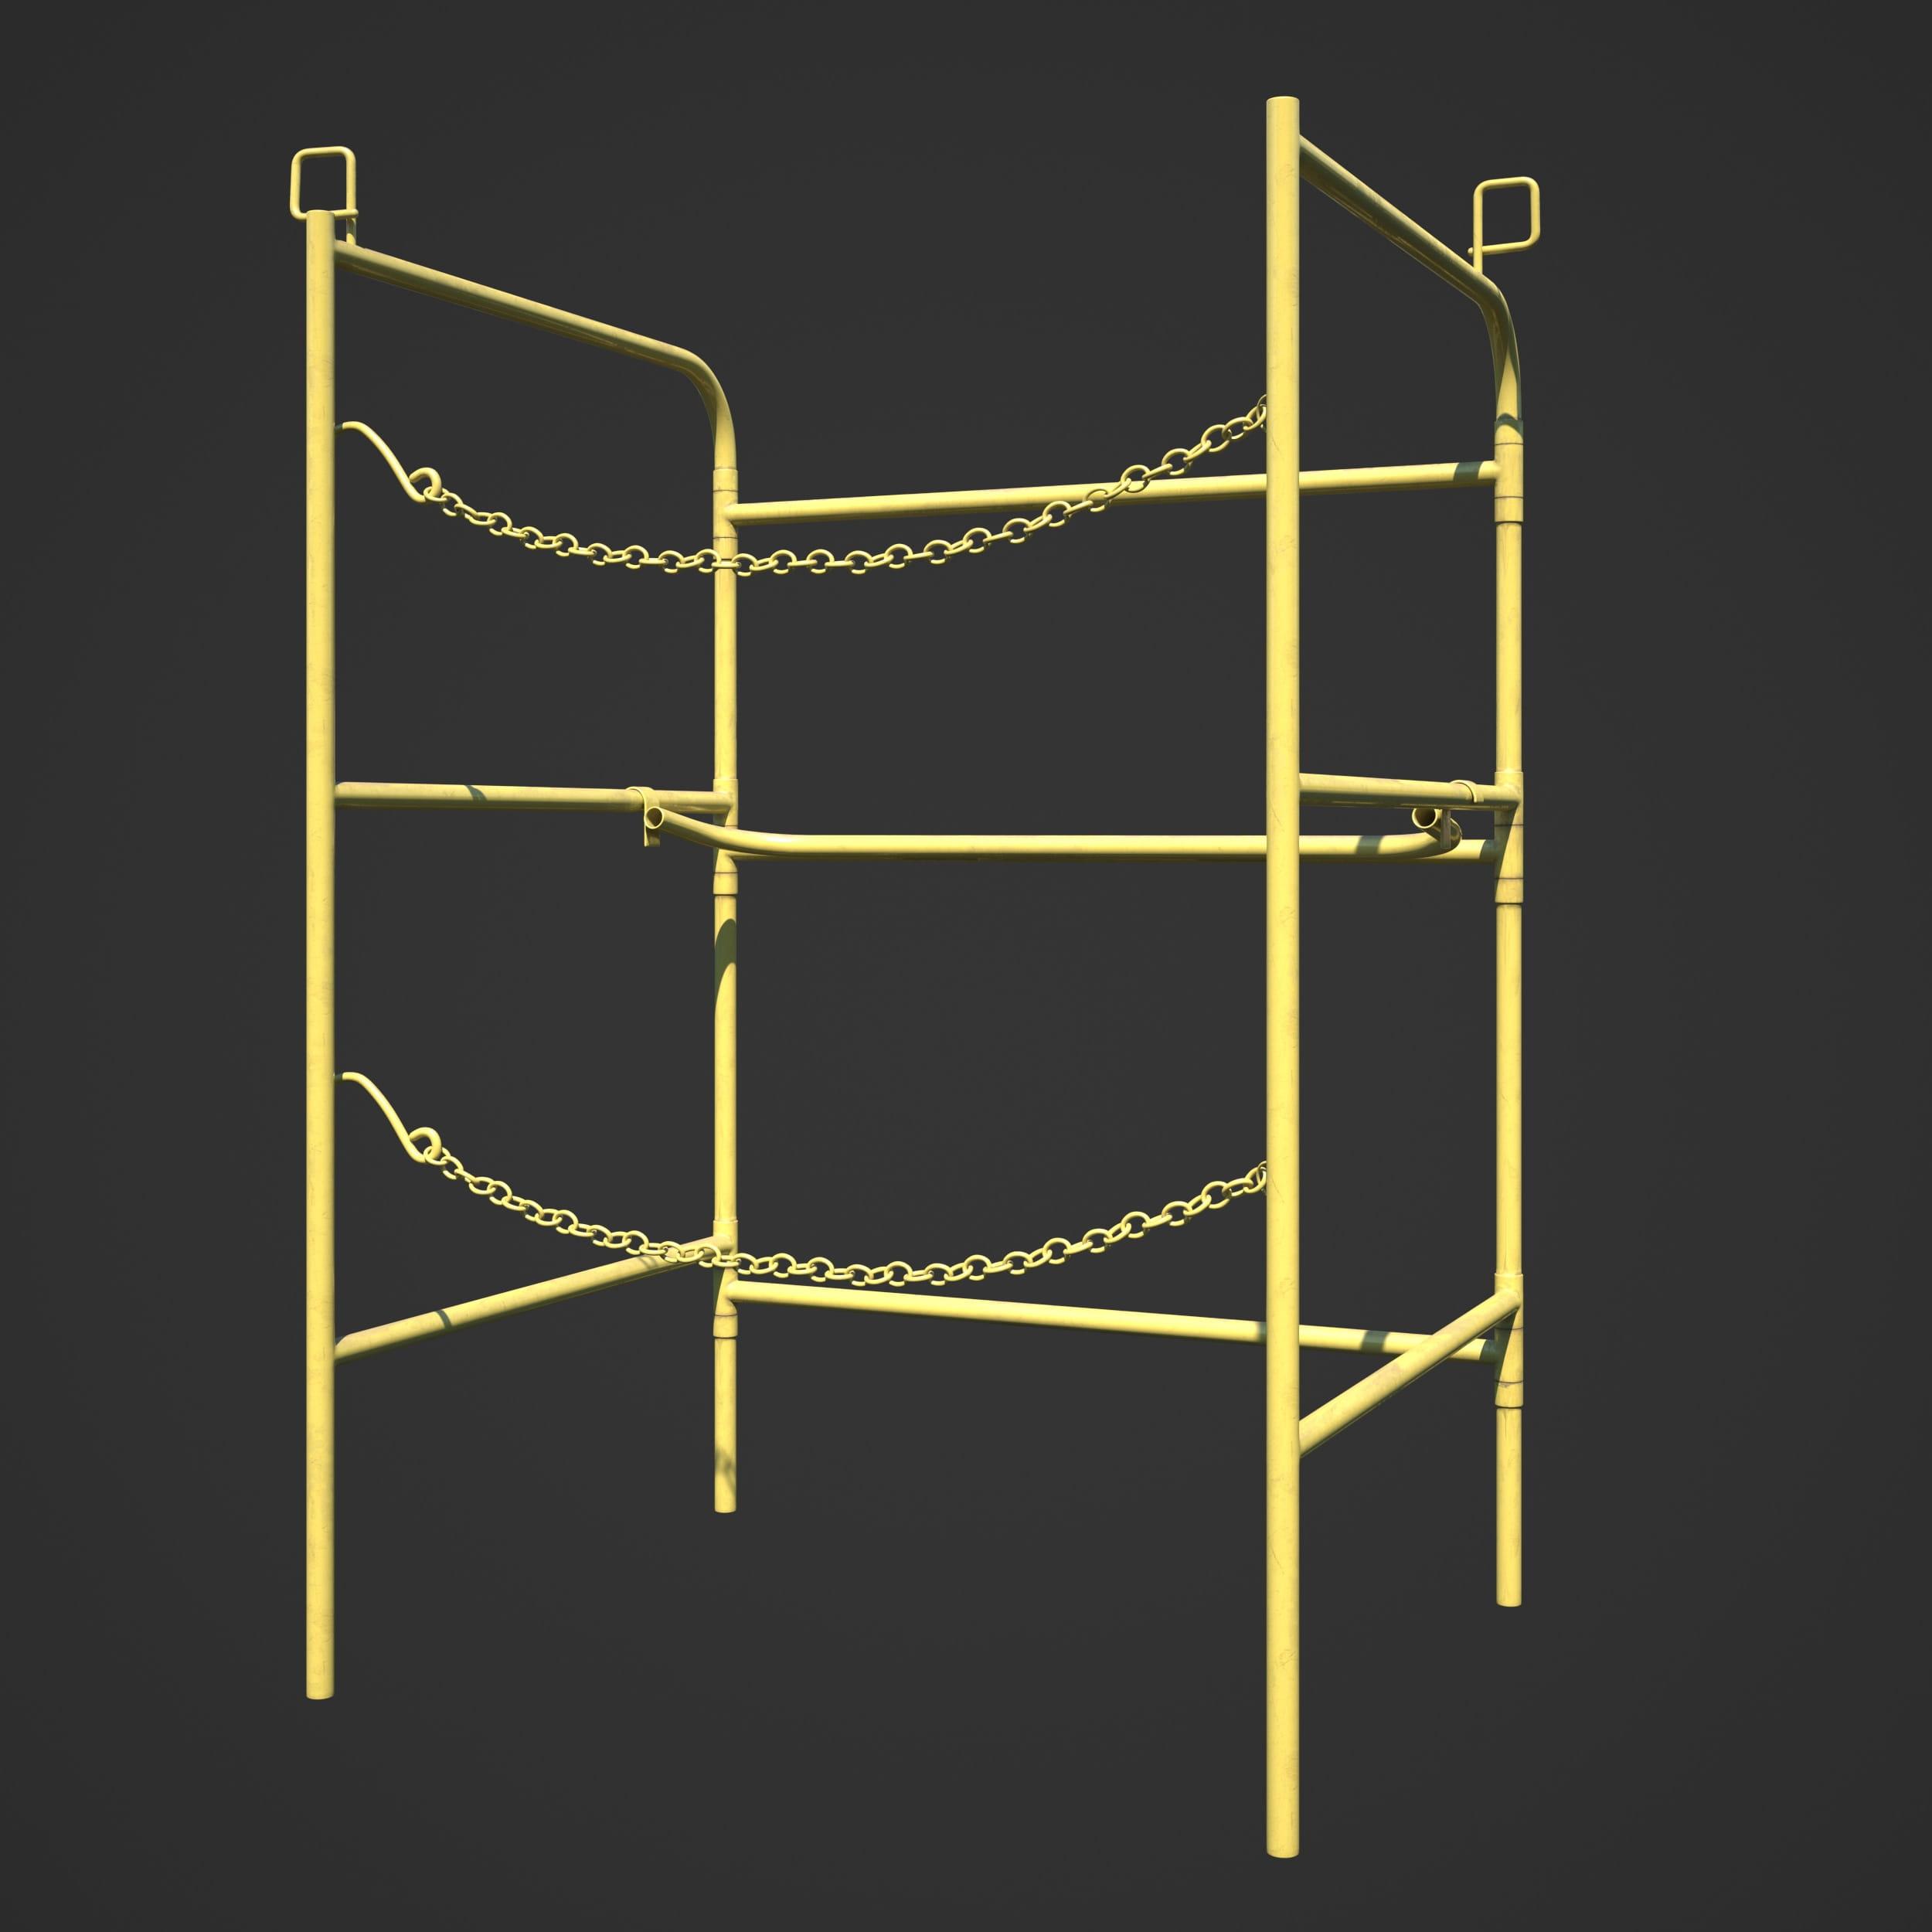 scaffolding 63 AM246